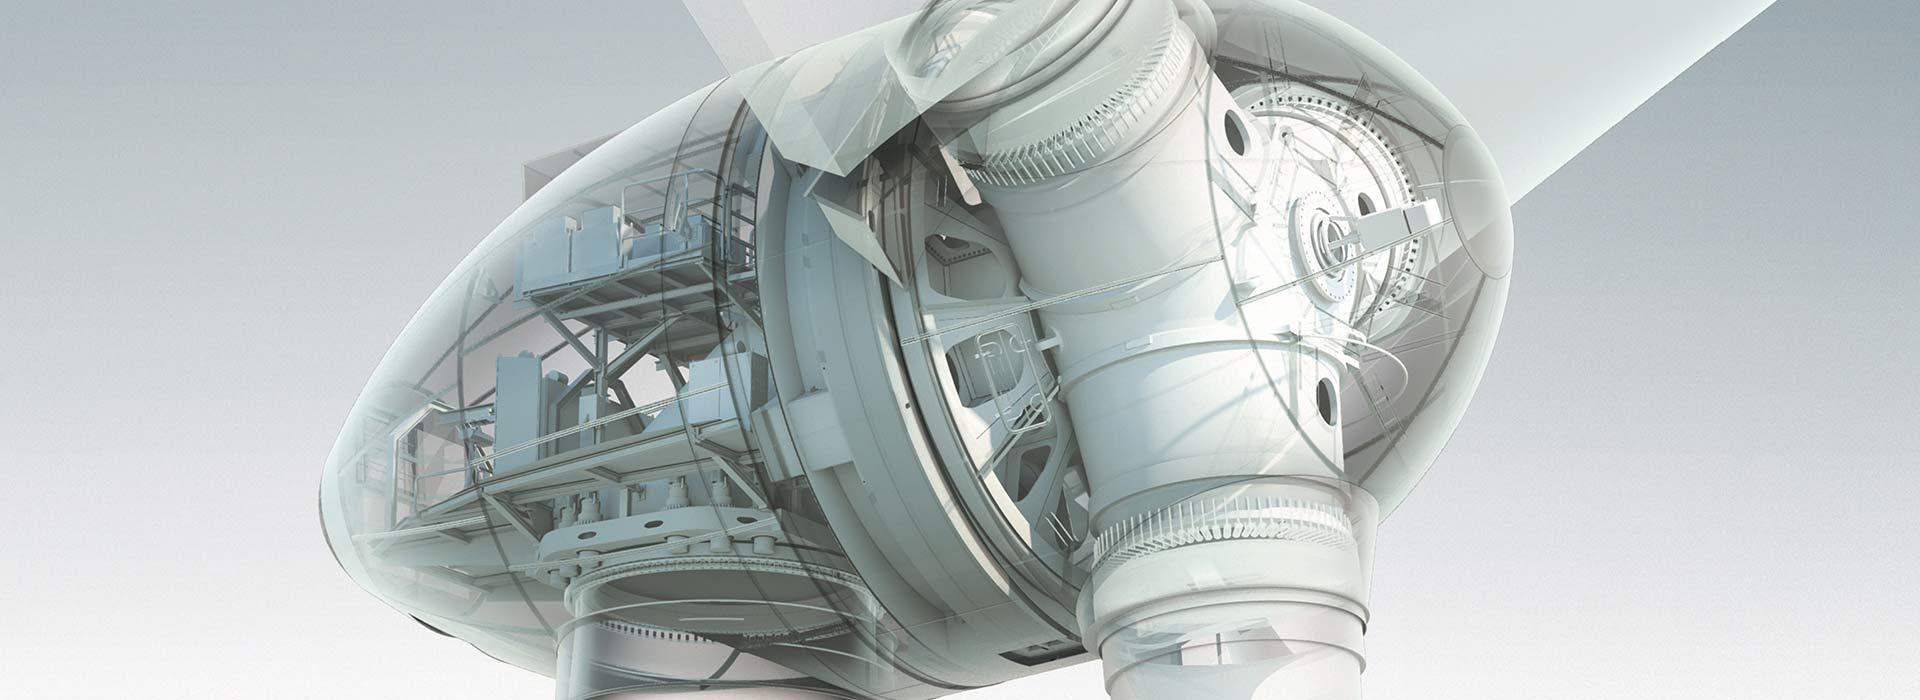 Connecting Composites - Gondel - © ENERCON GmbH